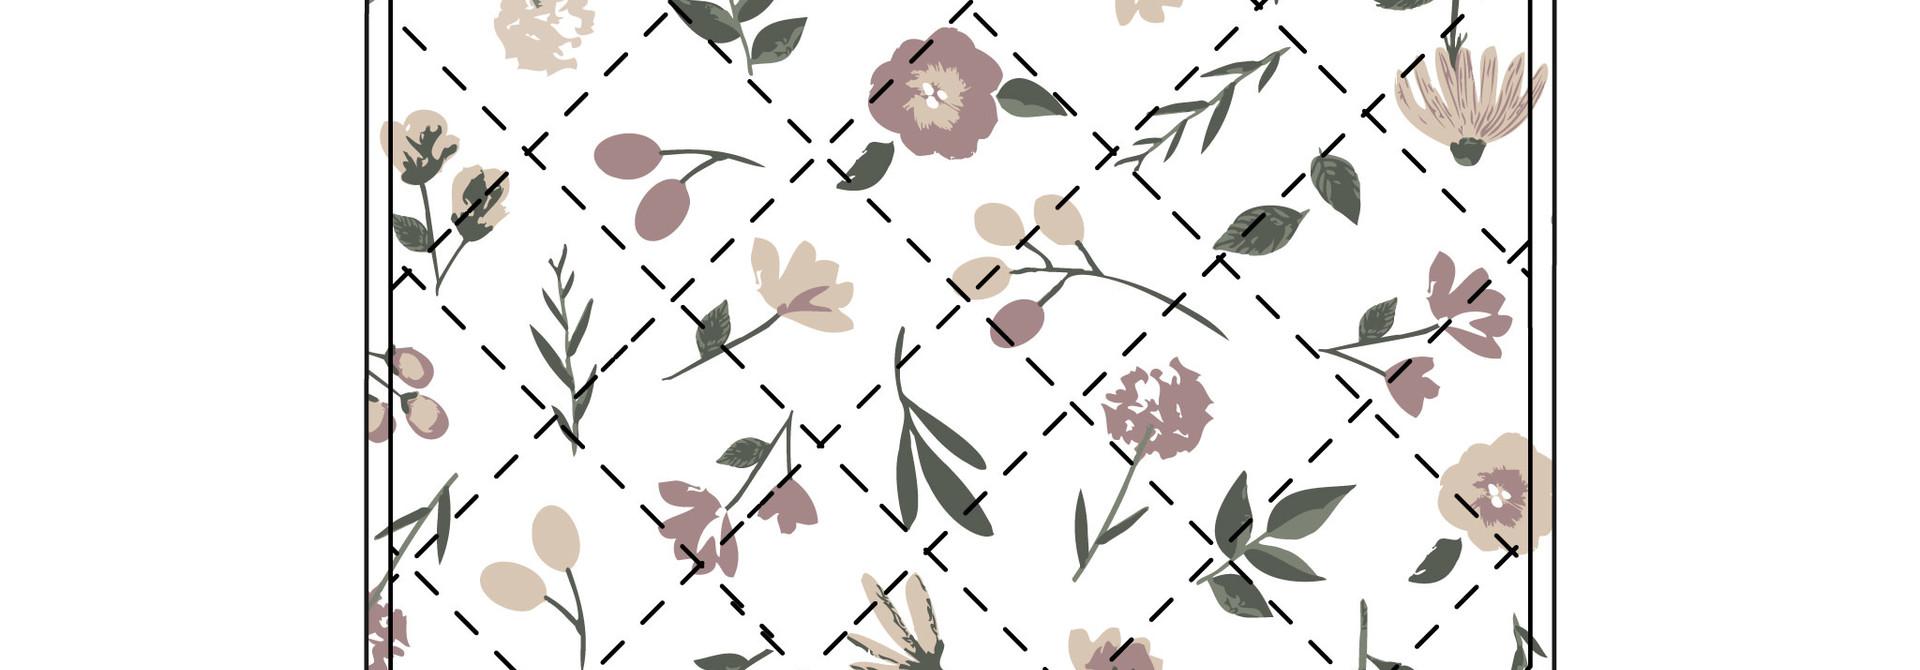 Piqué imperméable en coton - Floral